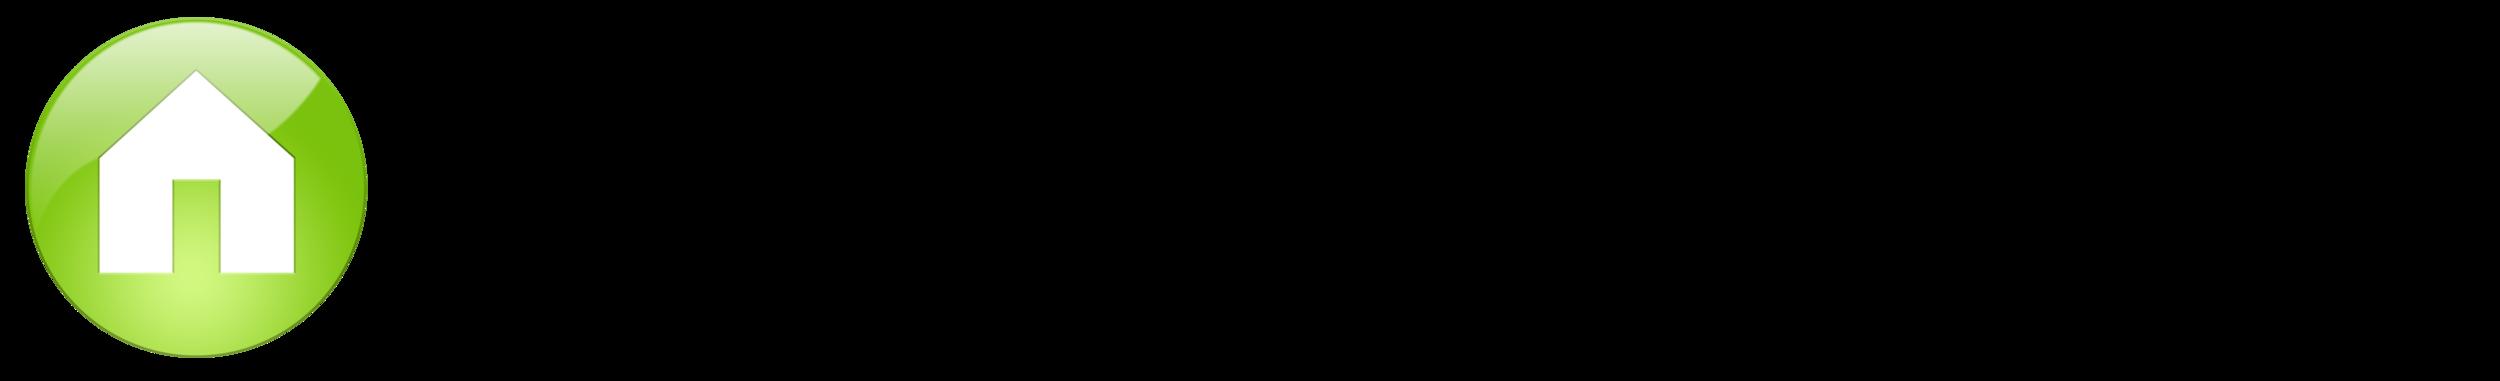 CAPlogo blacktext.png